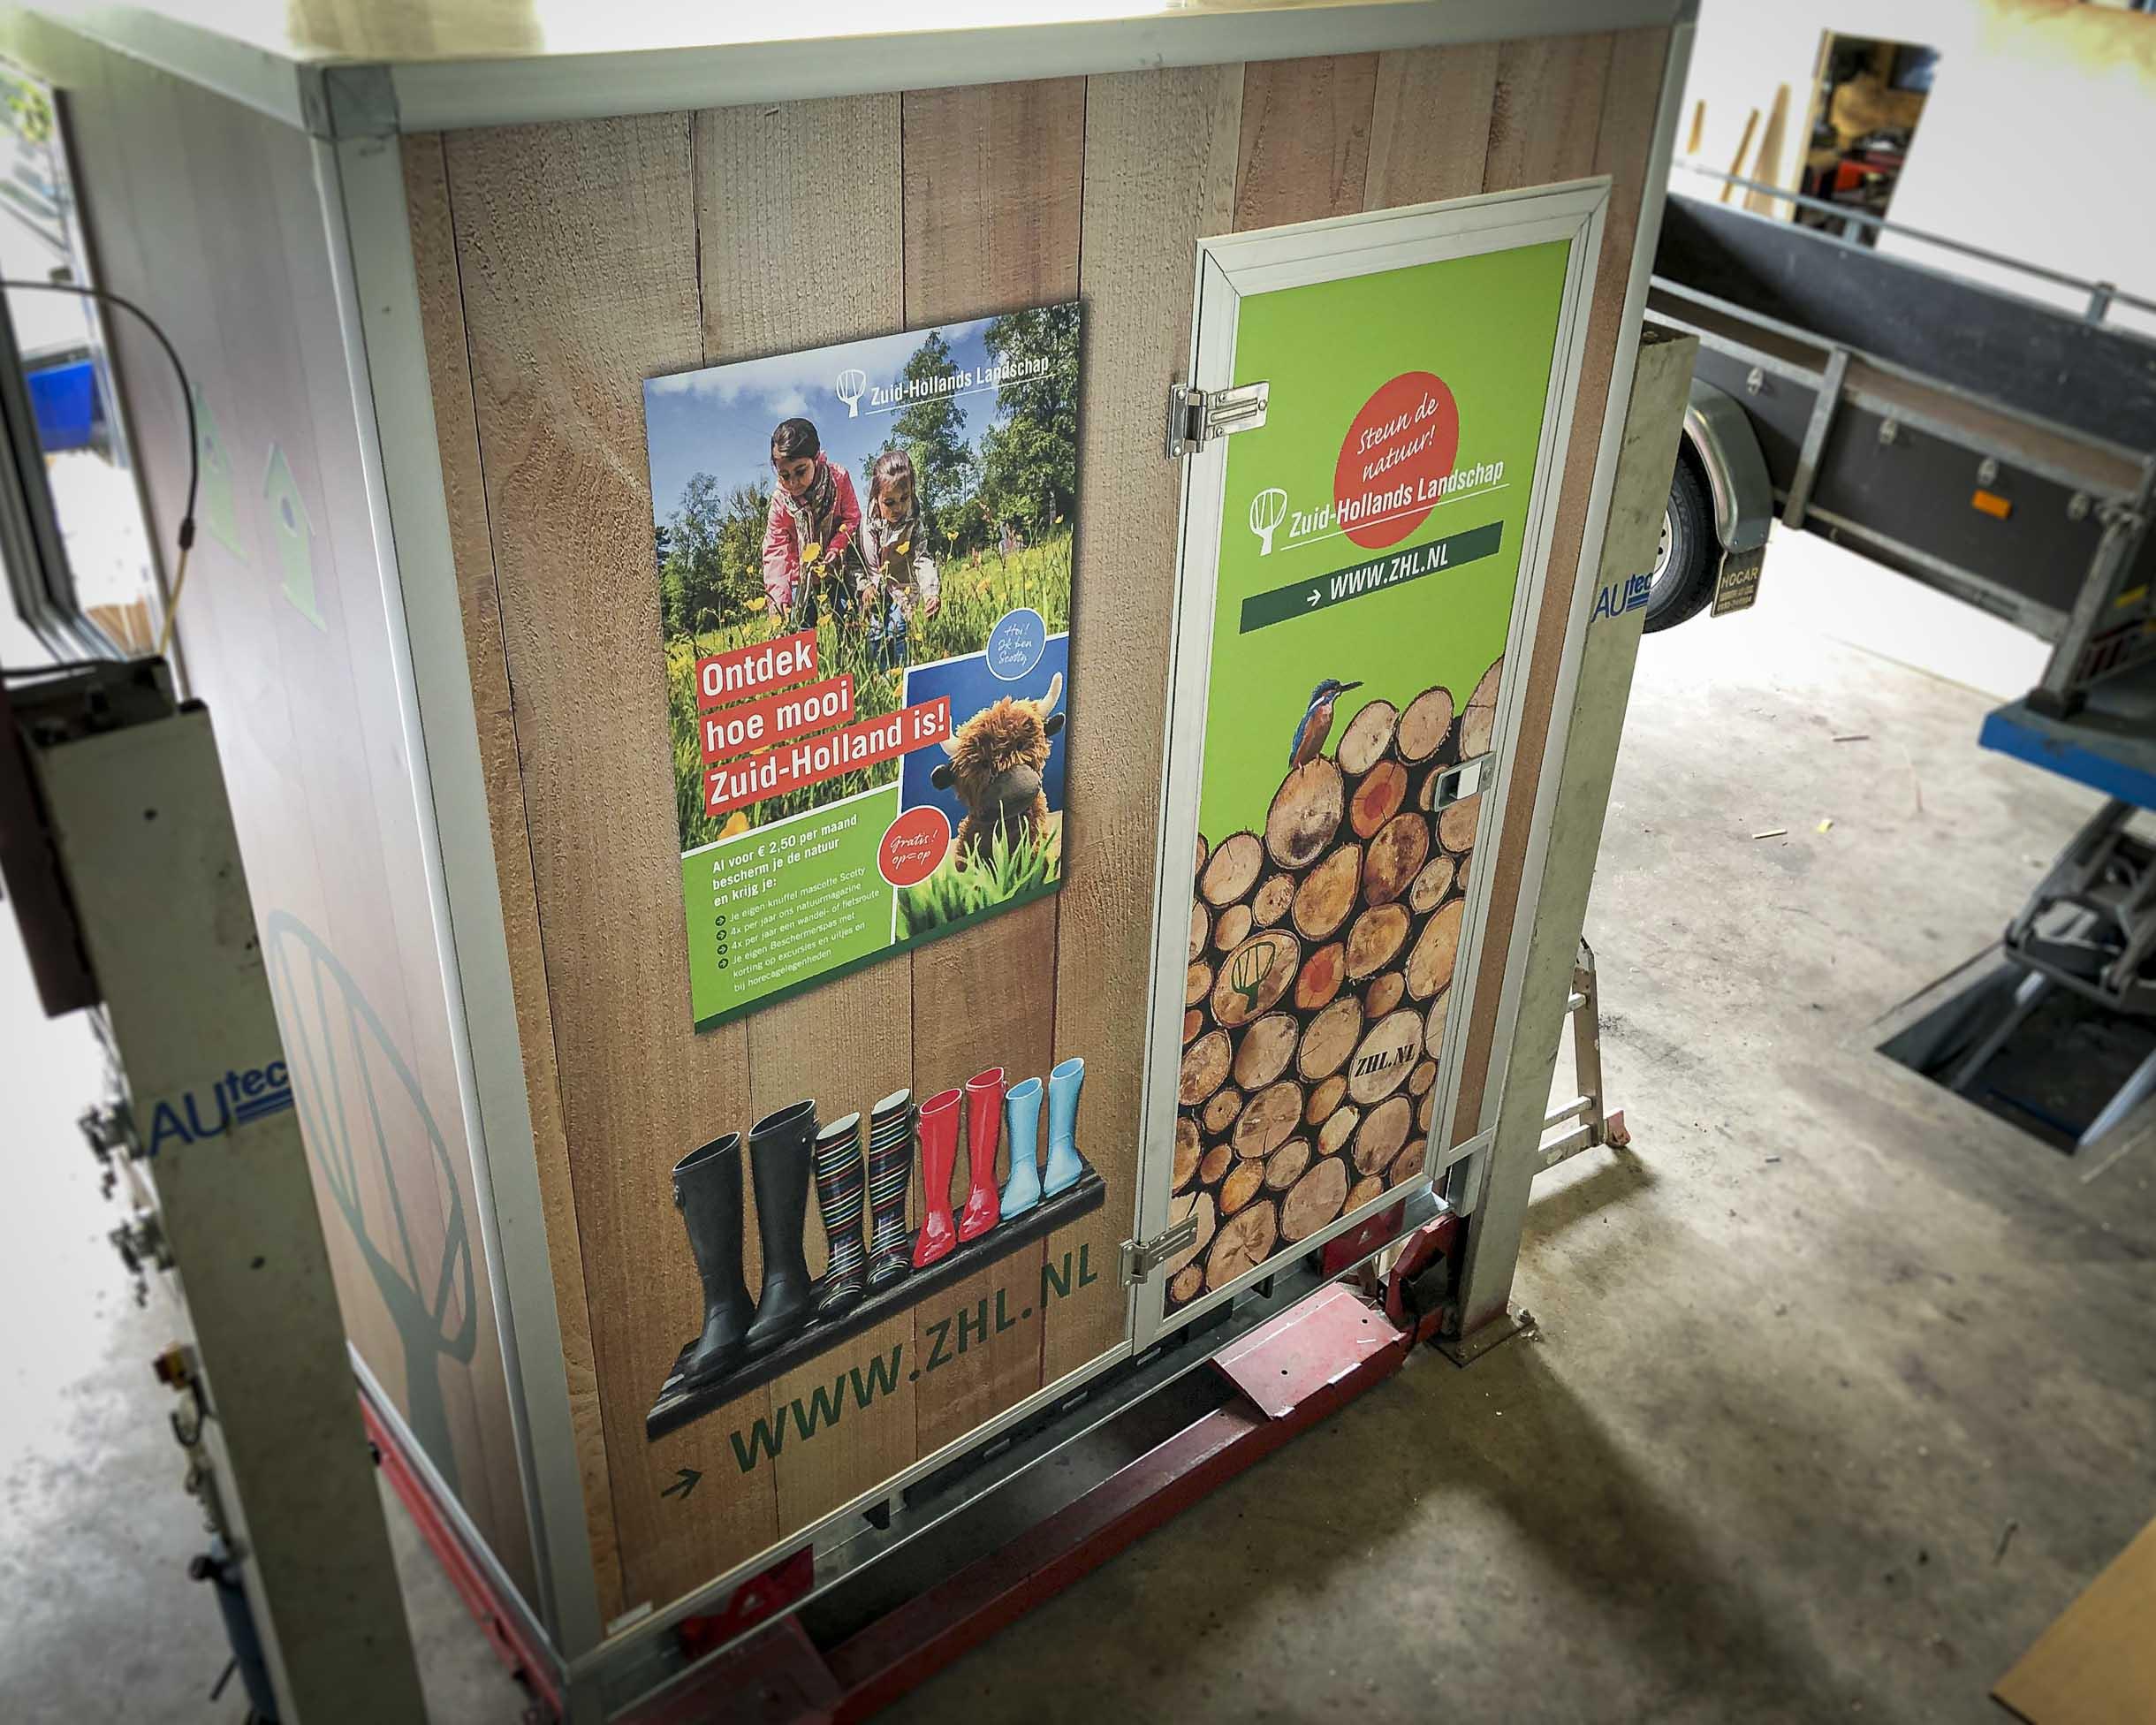 Een coole aanhanger voor Stichting Het Zuid Hollands Landschap, compleet fullcolour gewrapt